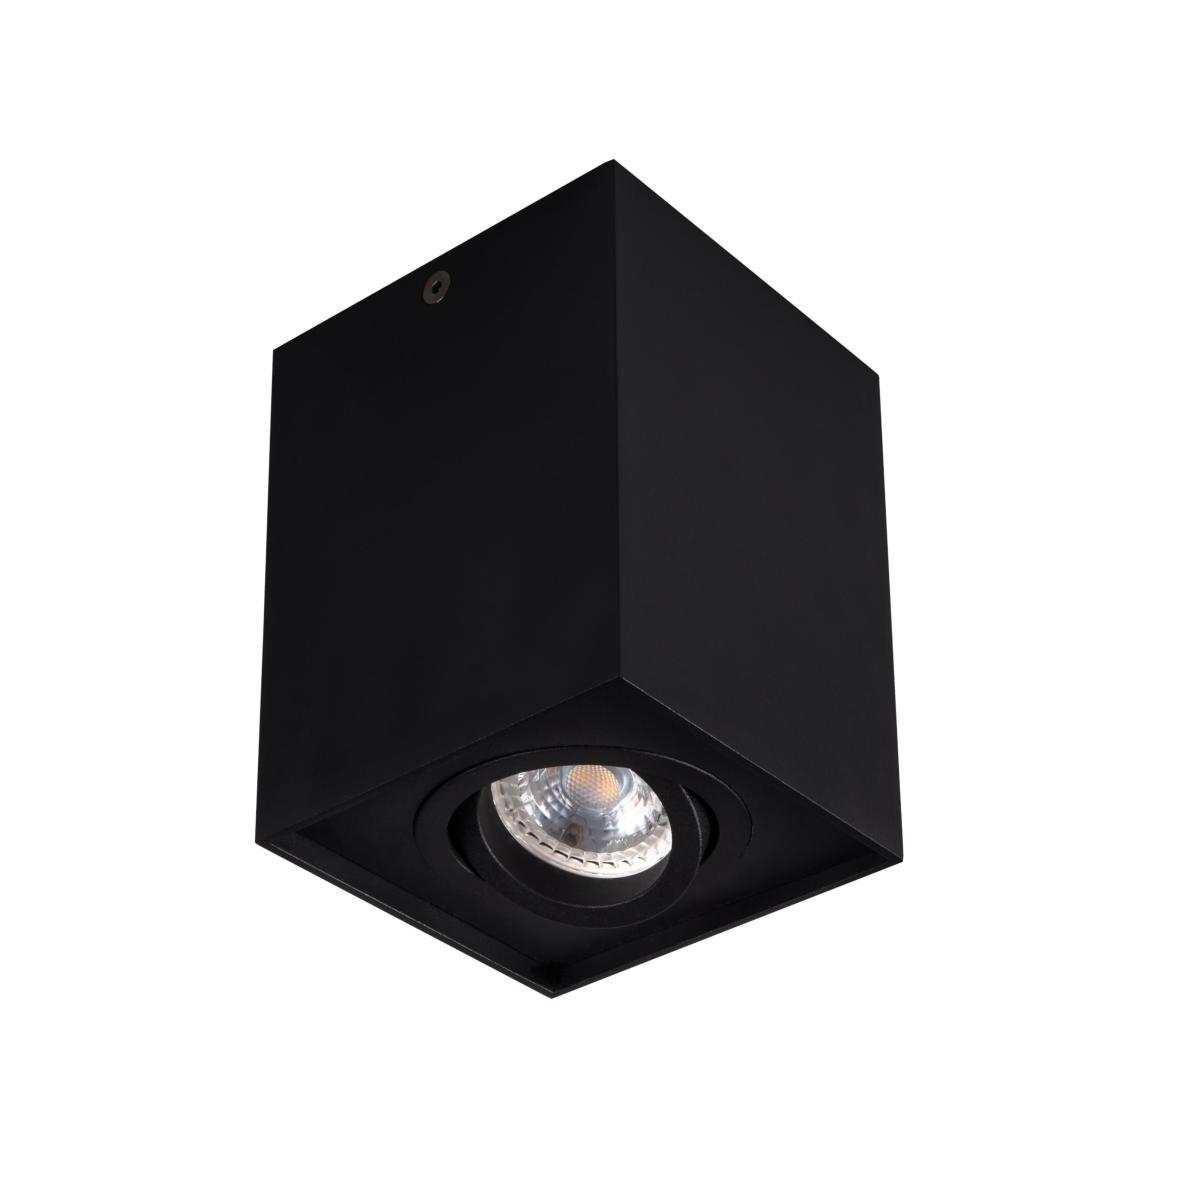 spot en saillie carr orientable 230v gu10 noir kanlux. Black Bedroom Furniture Sets. Home Design Ideas